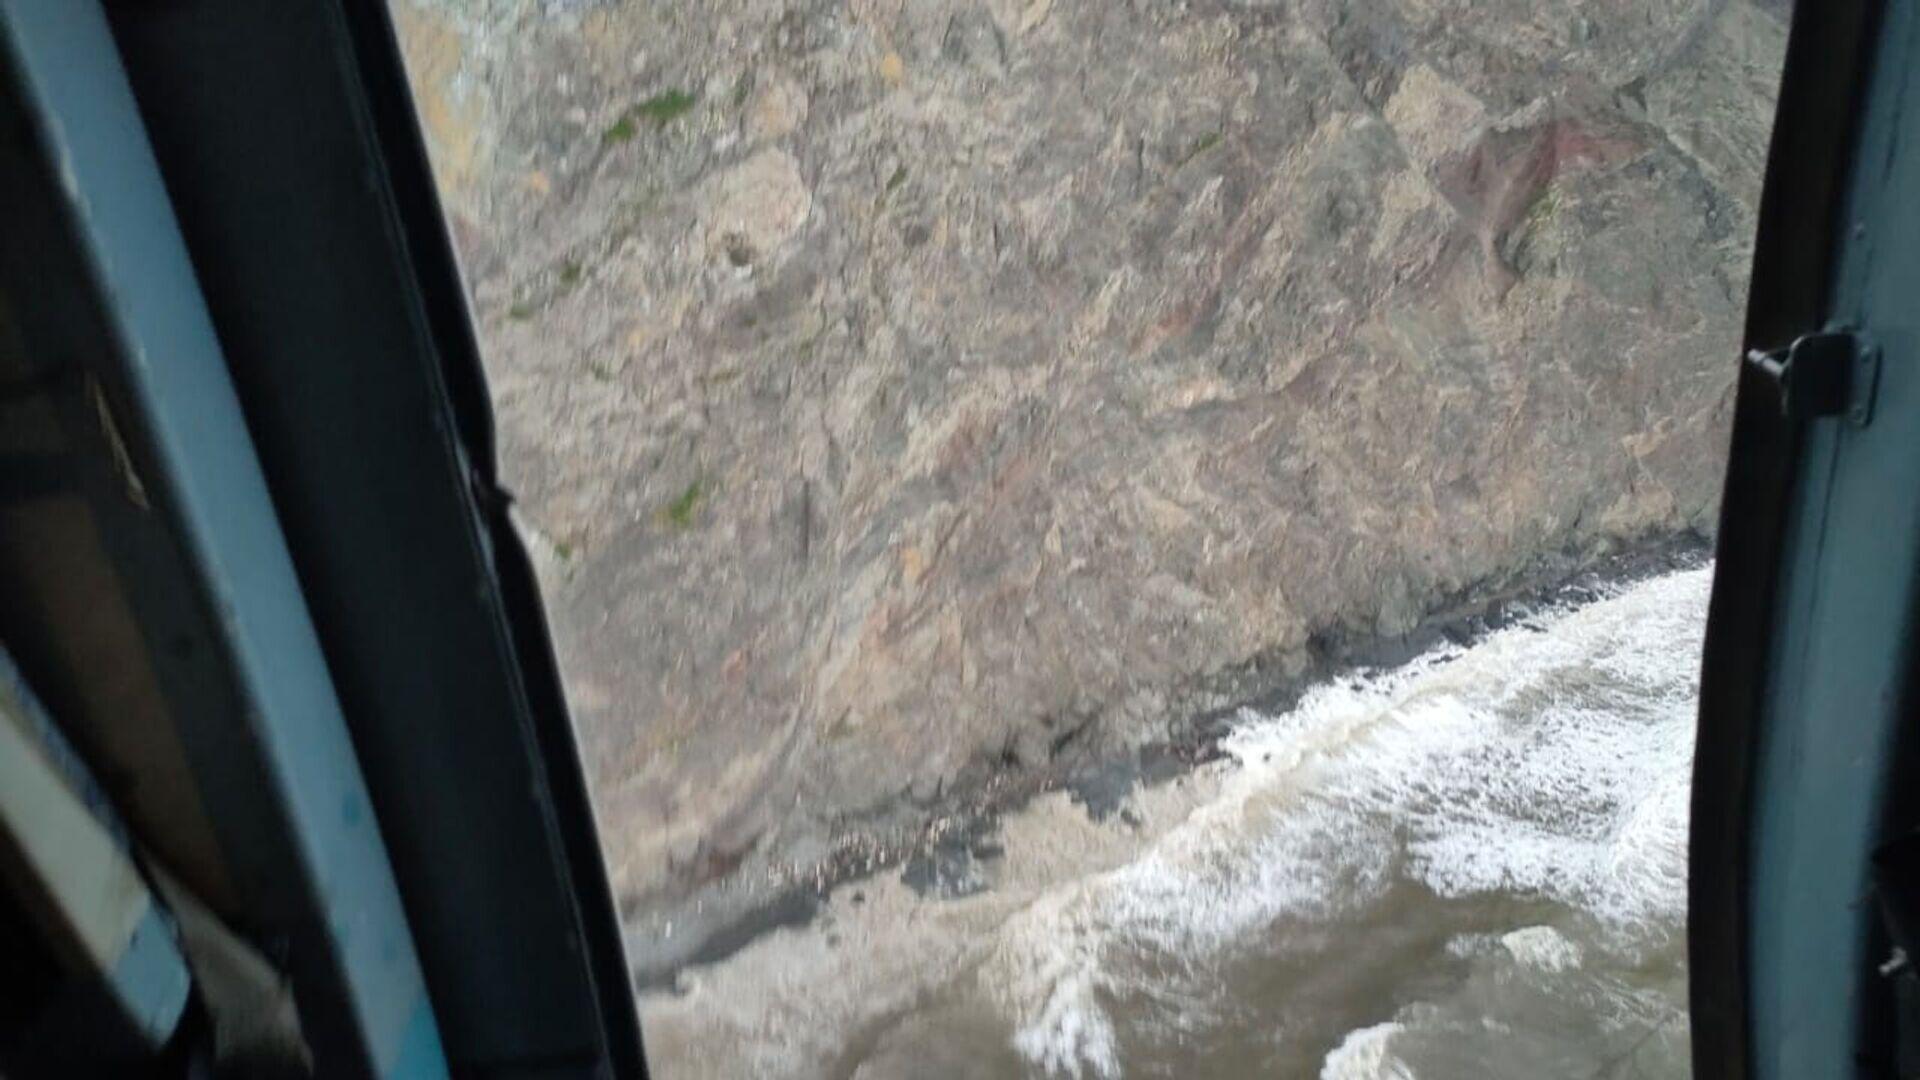 Место обнаружения обломков самолёта Ан-26. Стоп-кадр с видео, предоставленного МЧС РФ - Sputnik Армения, 1920, 23.09.2021